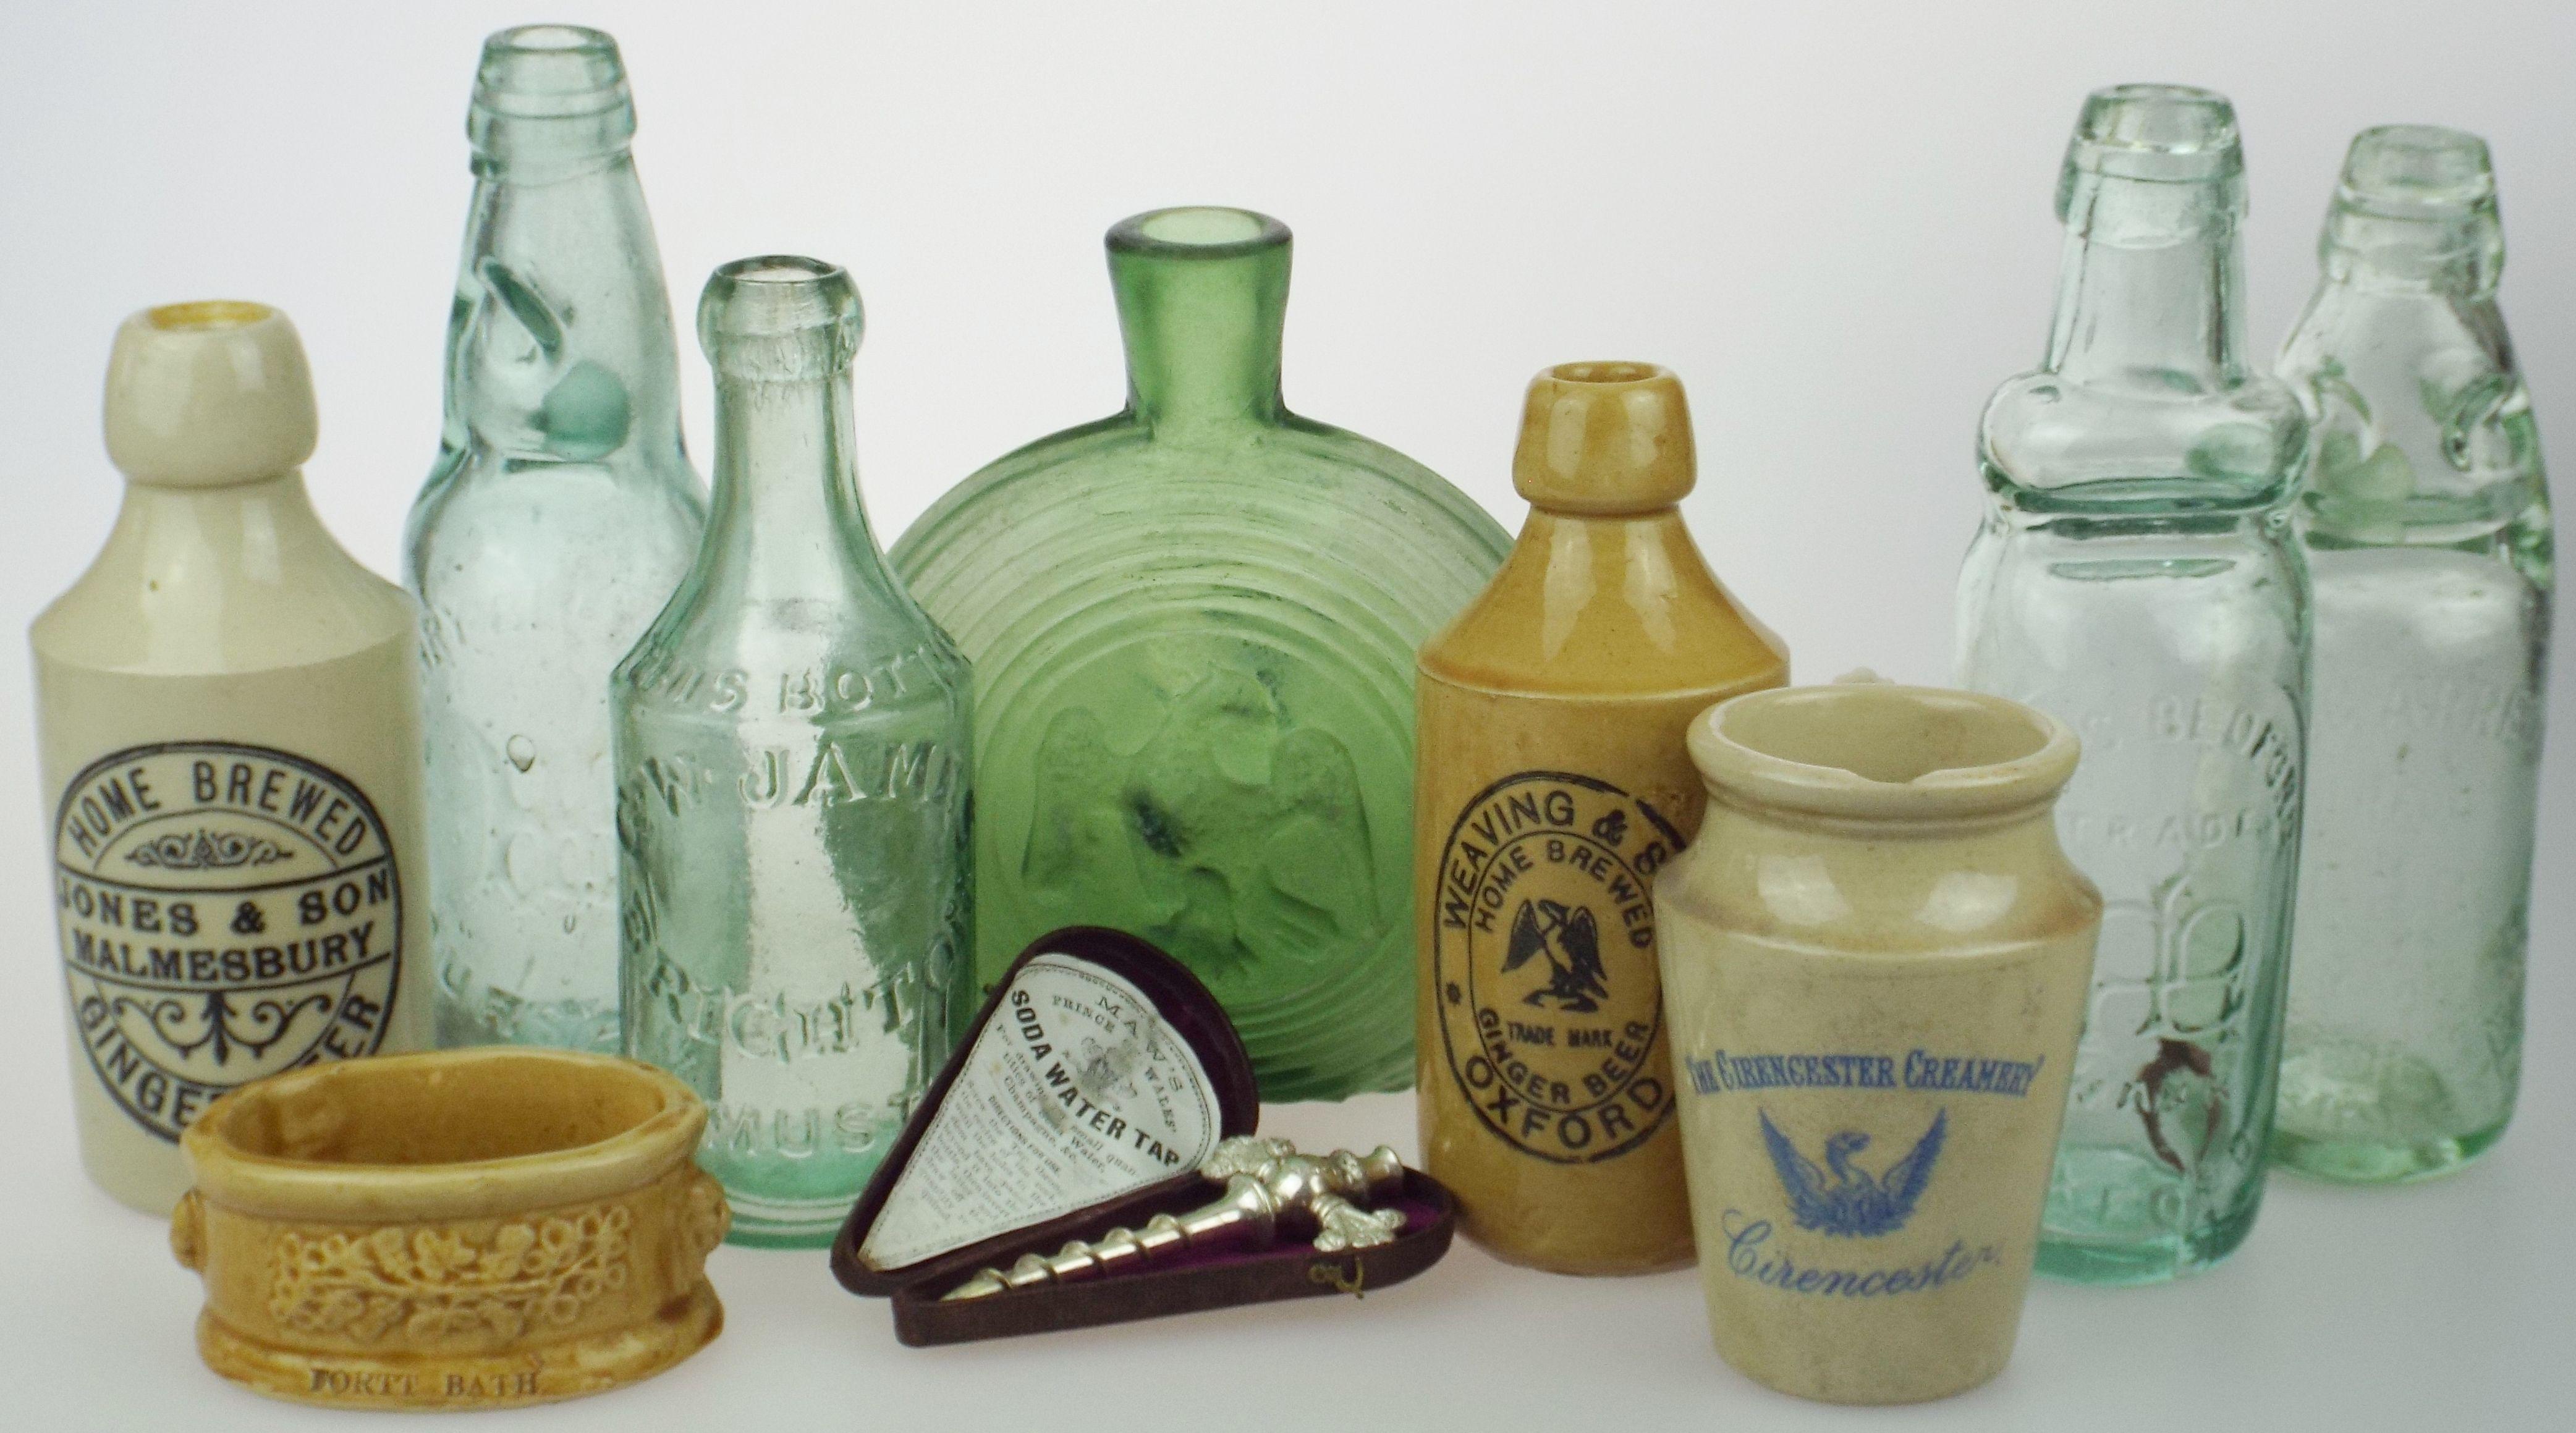 Antique bottles 196 august stratford on avon